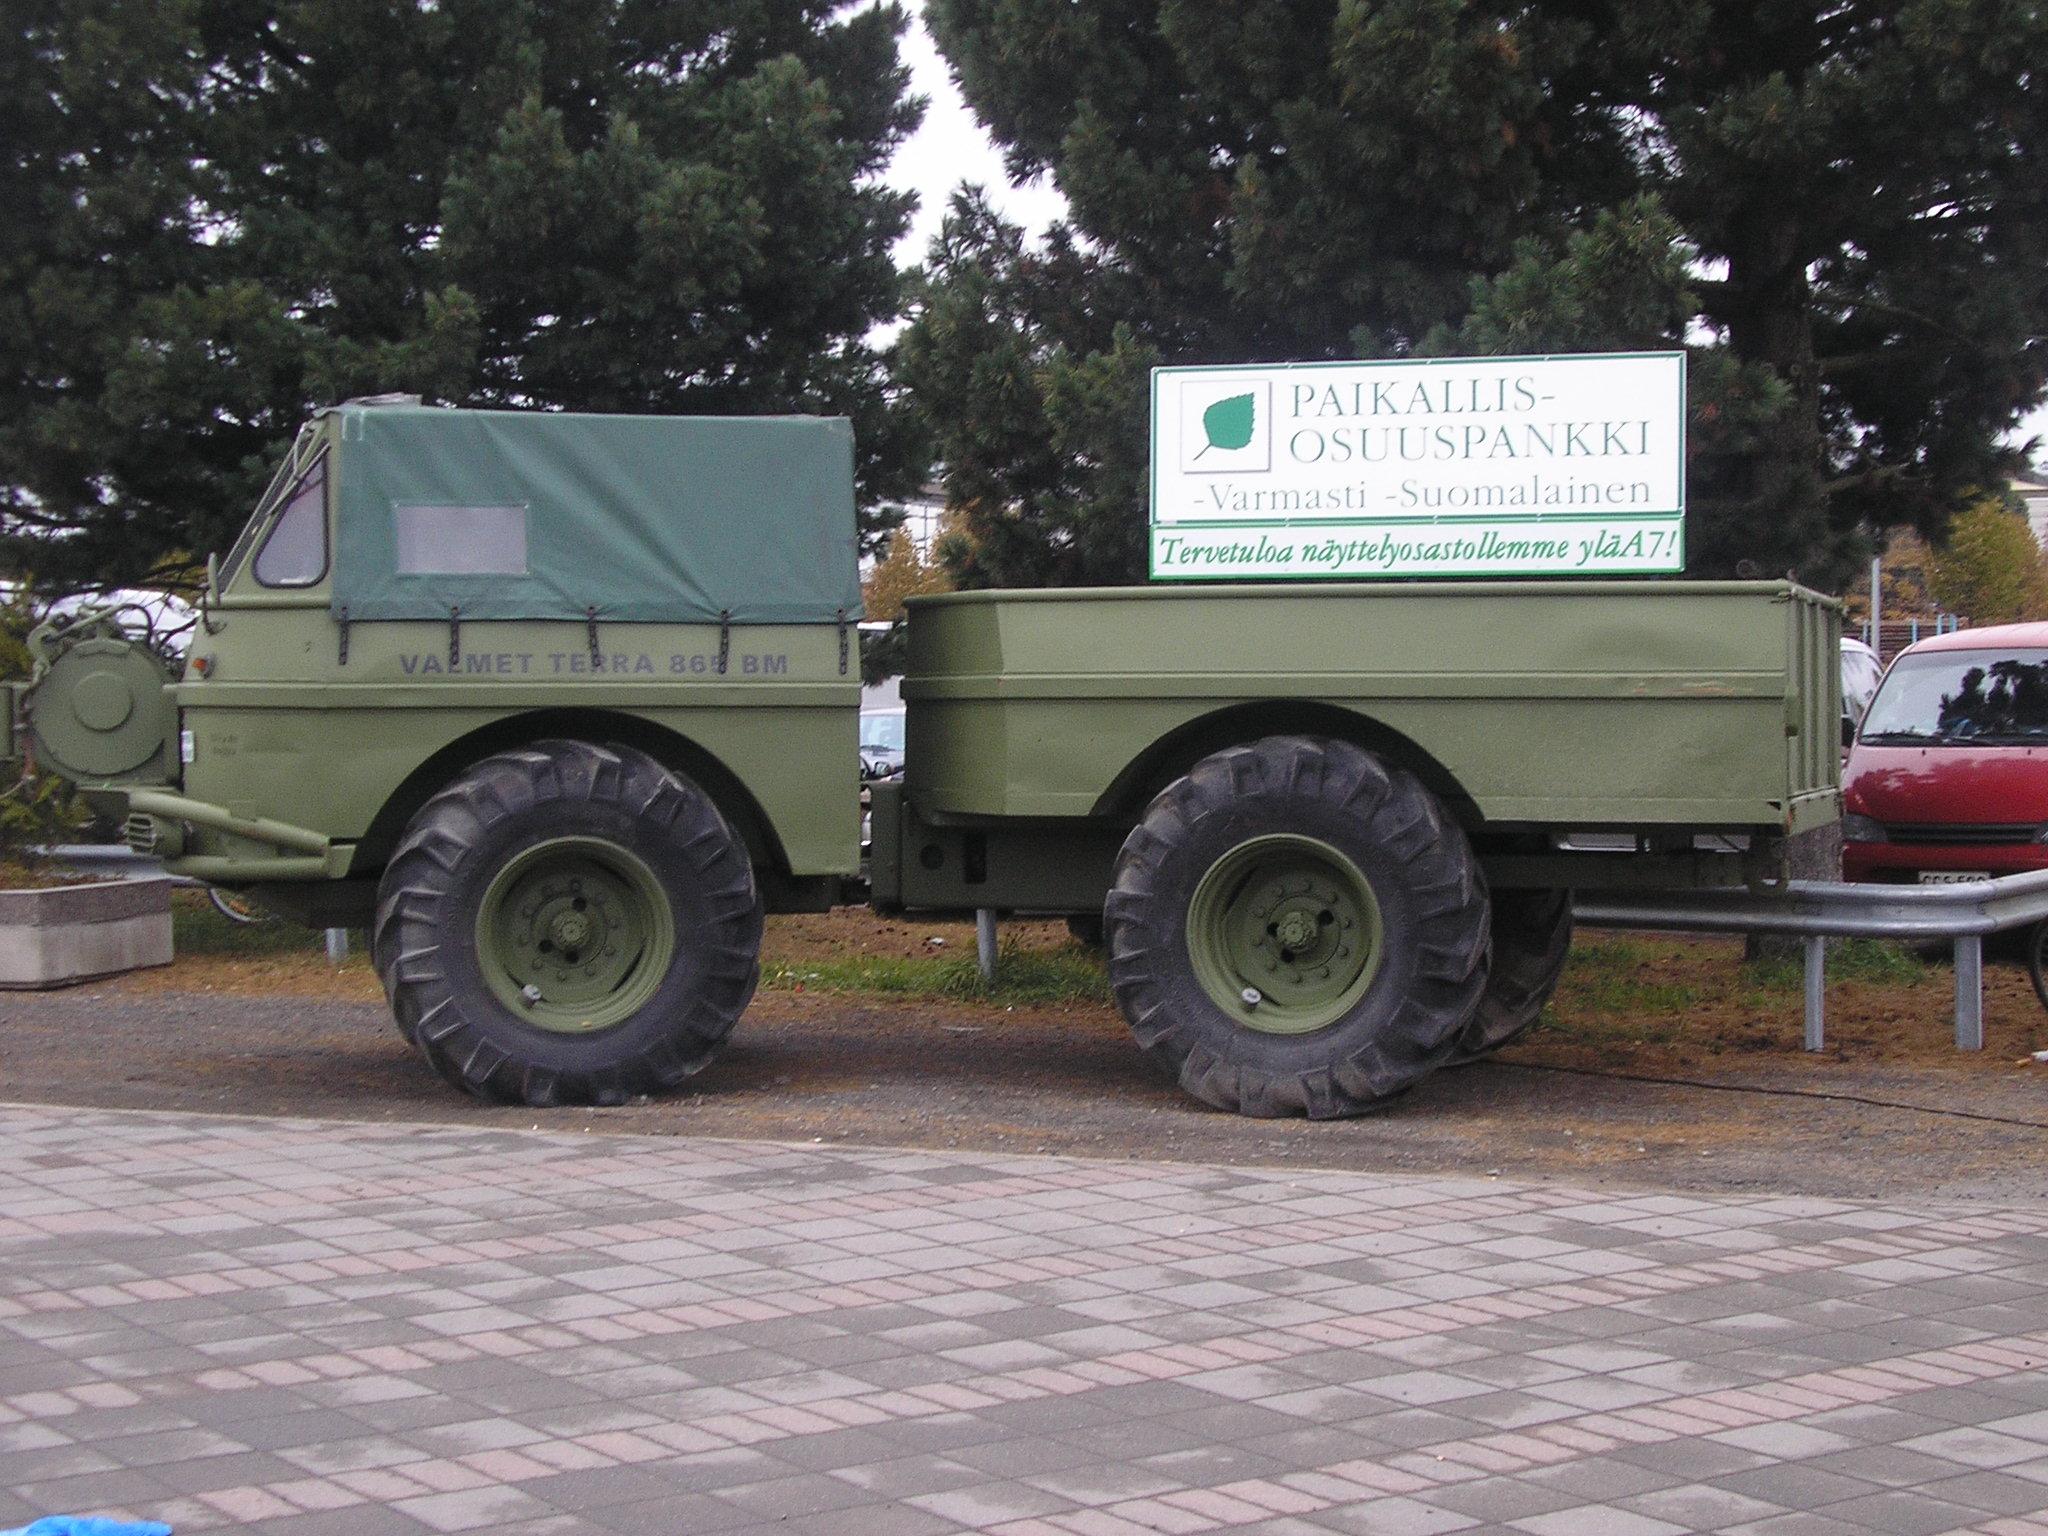 Masi Puolustusvoimat